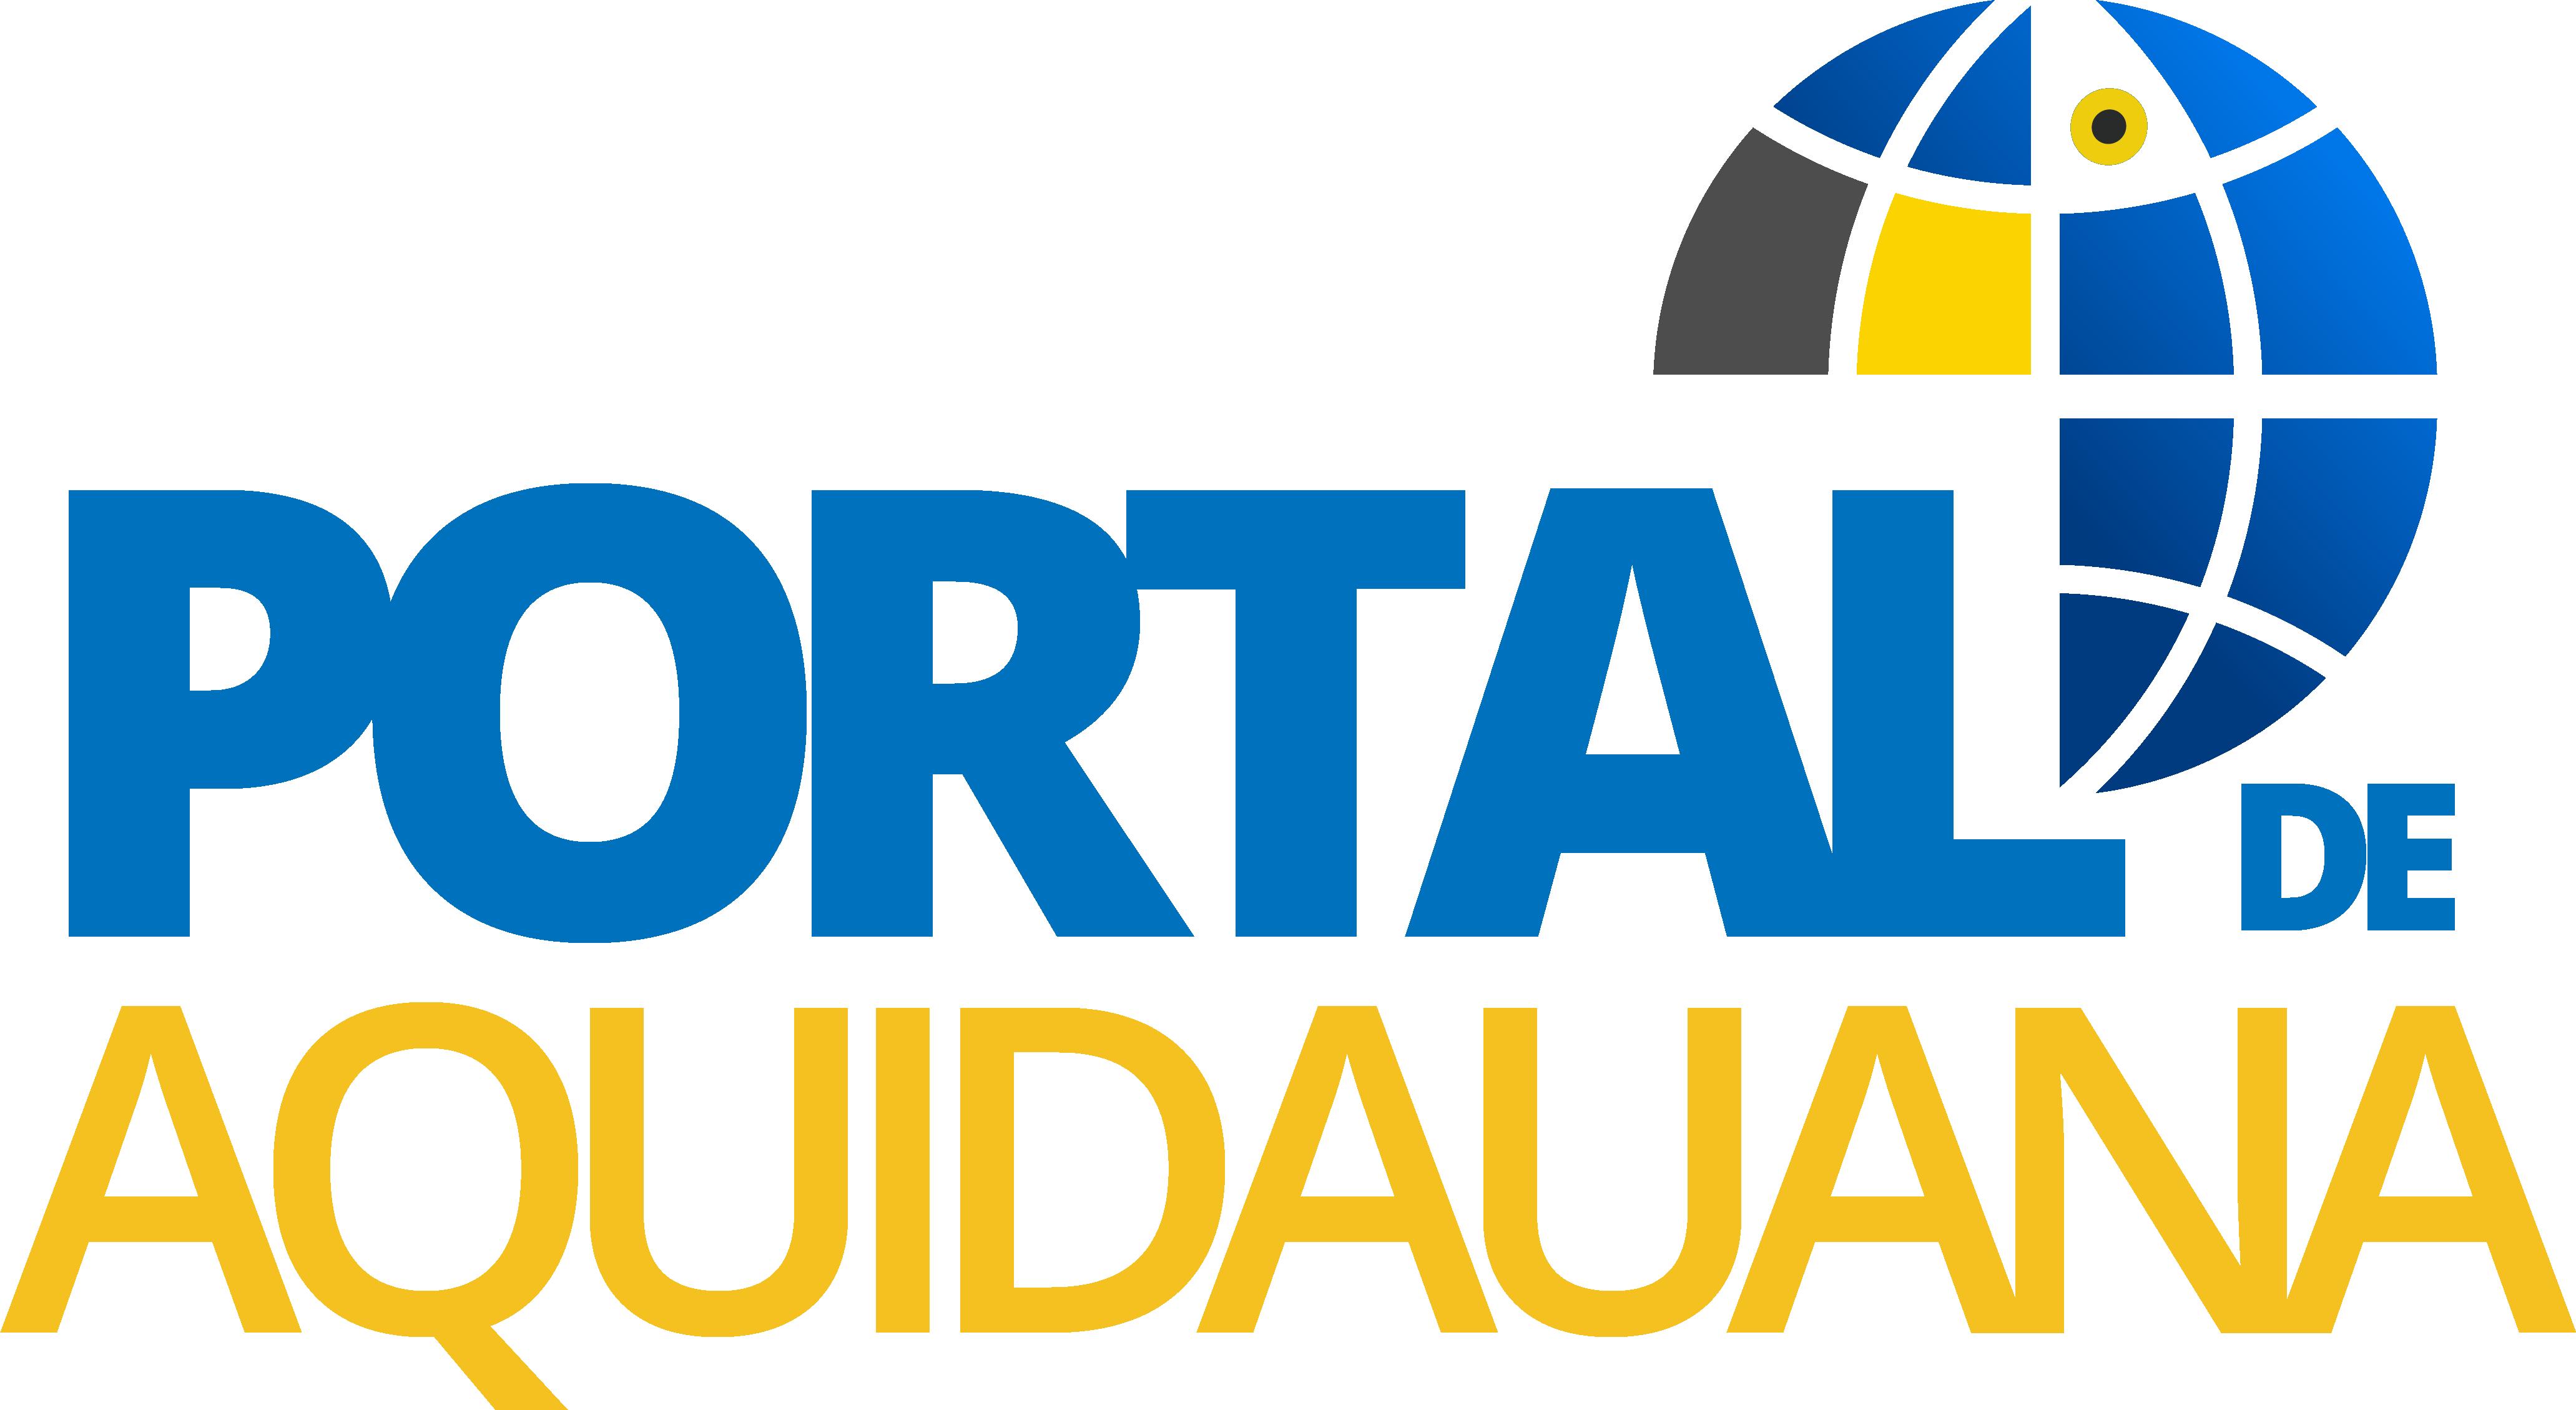 Portal de Aquidauana